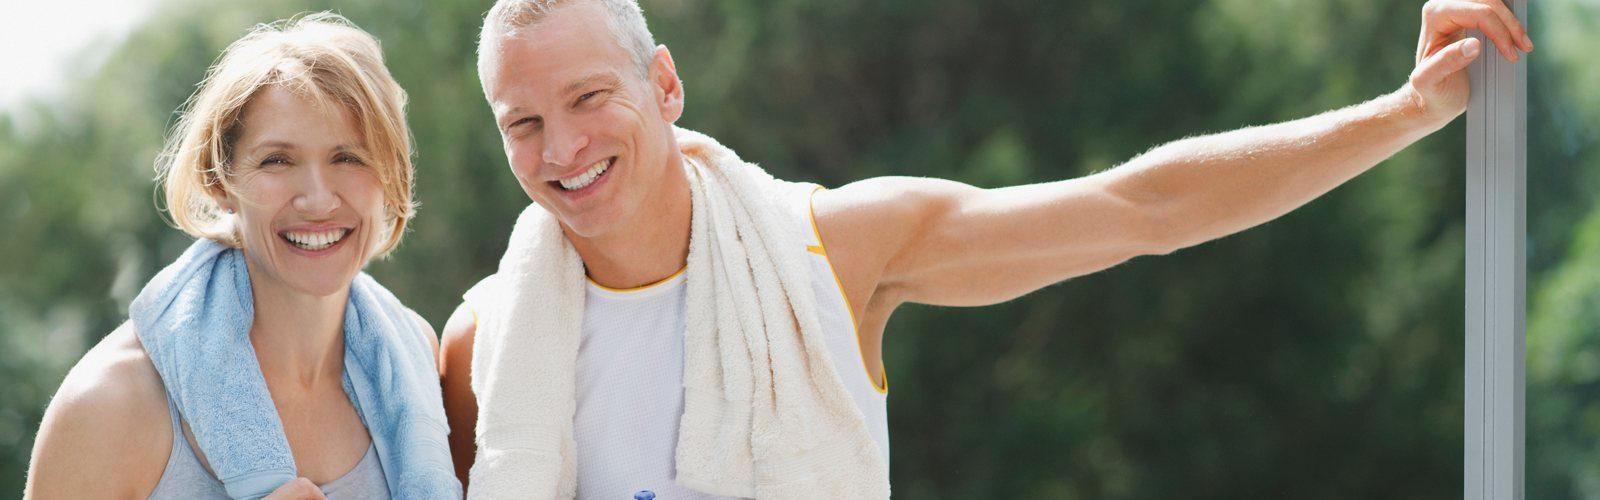 Pärchen mittleren Alters nach dem Sport. Beide haben ein Handtuch um den Hals und halten Trinkflaschen in den Händen.